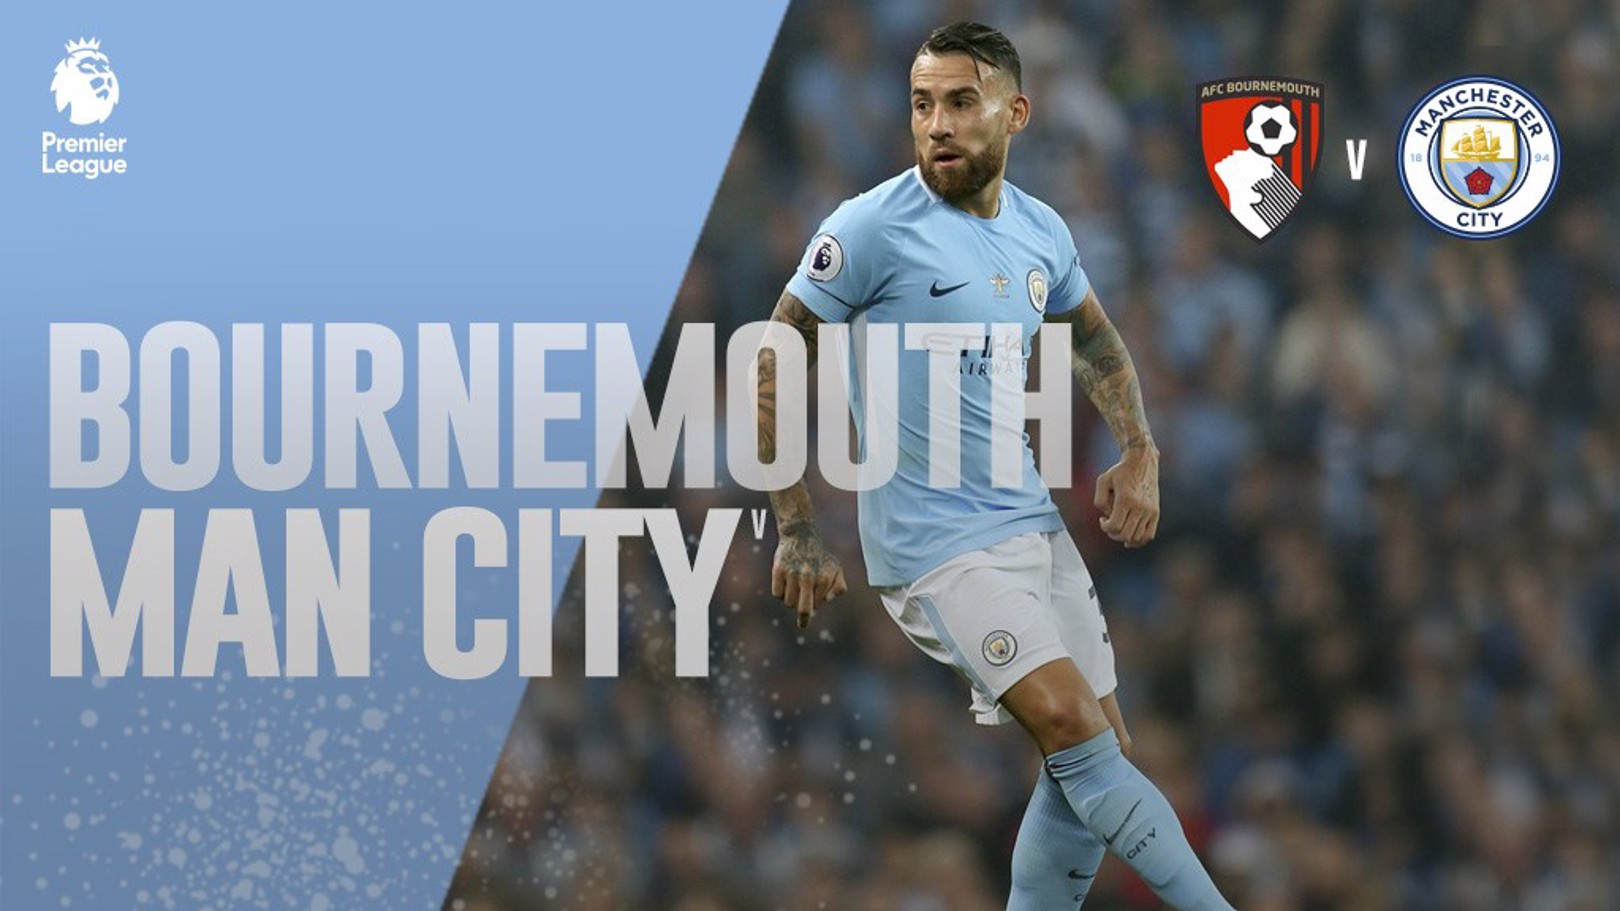 DESPLAZAMIENTO. Después de recibir al Everton, el equipo viaja a Bournemouth.